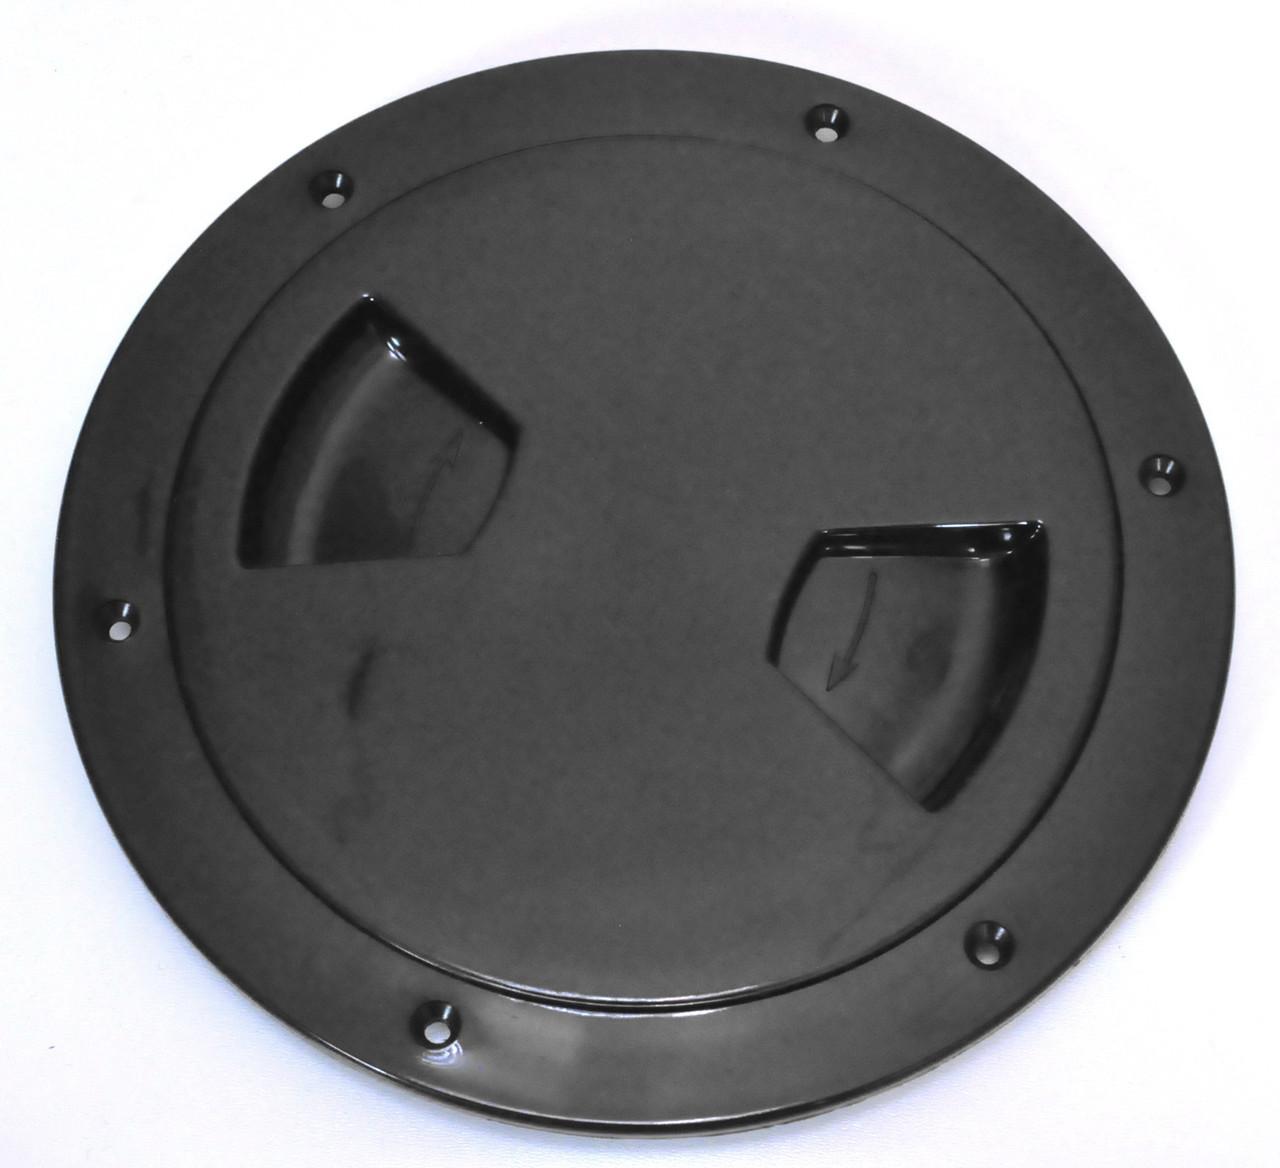 Лючок инспекция диаметр 127 мм черный, Тайвань 13561-BK